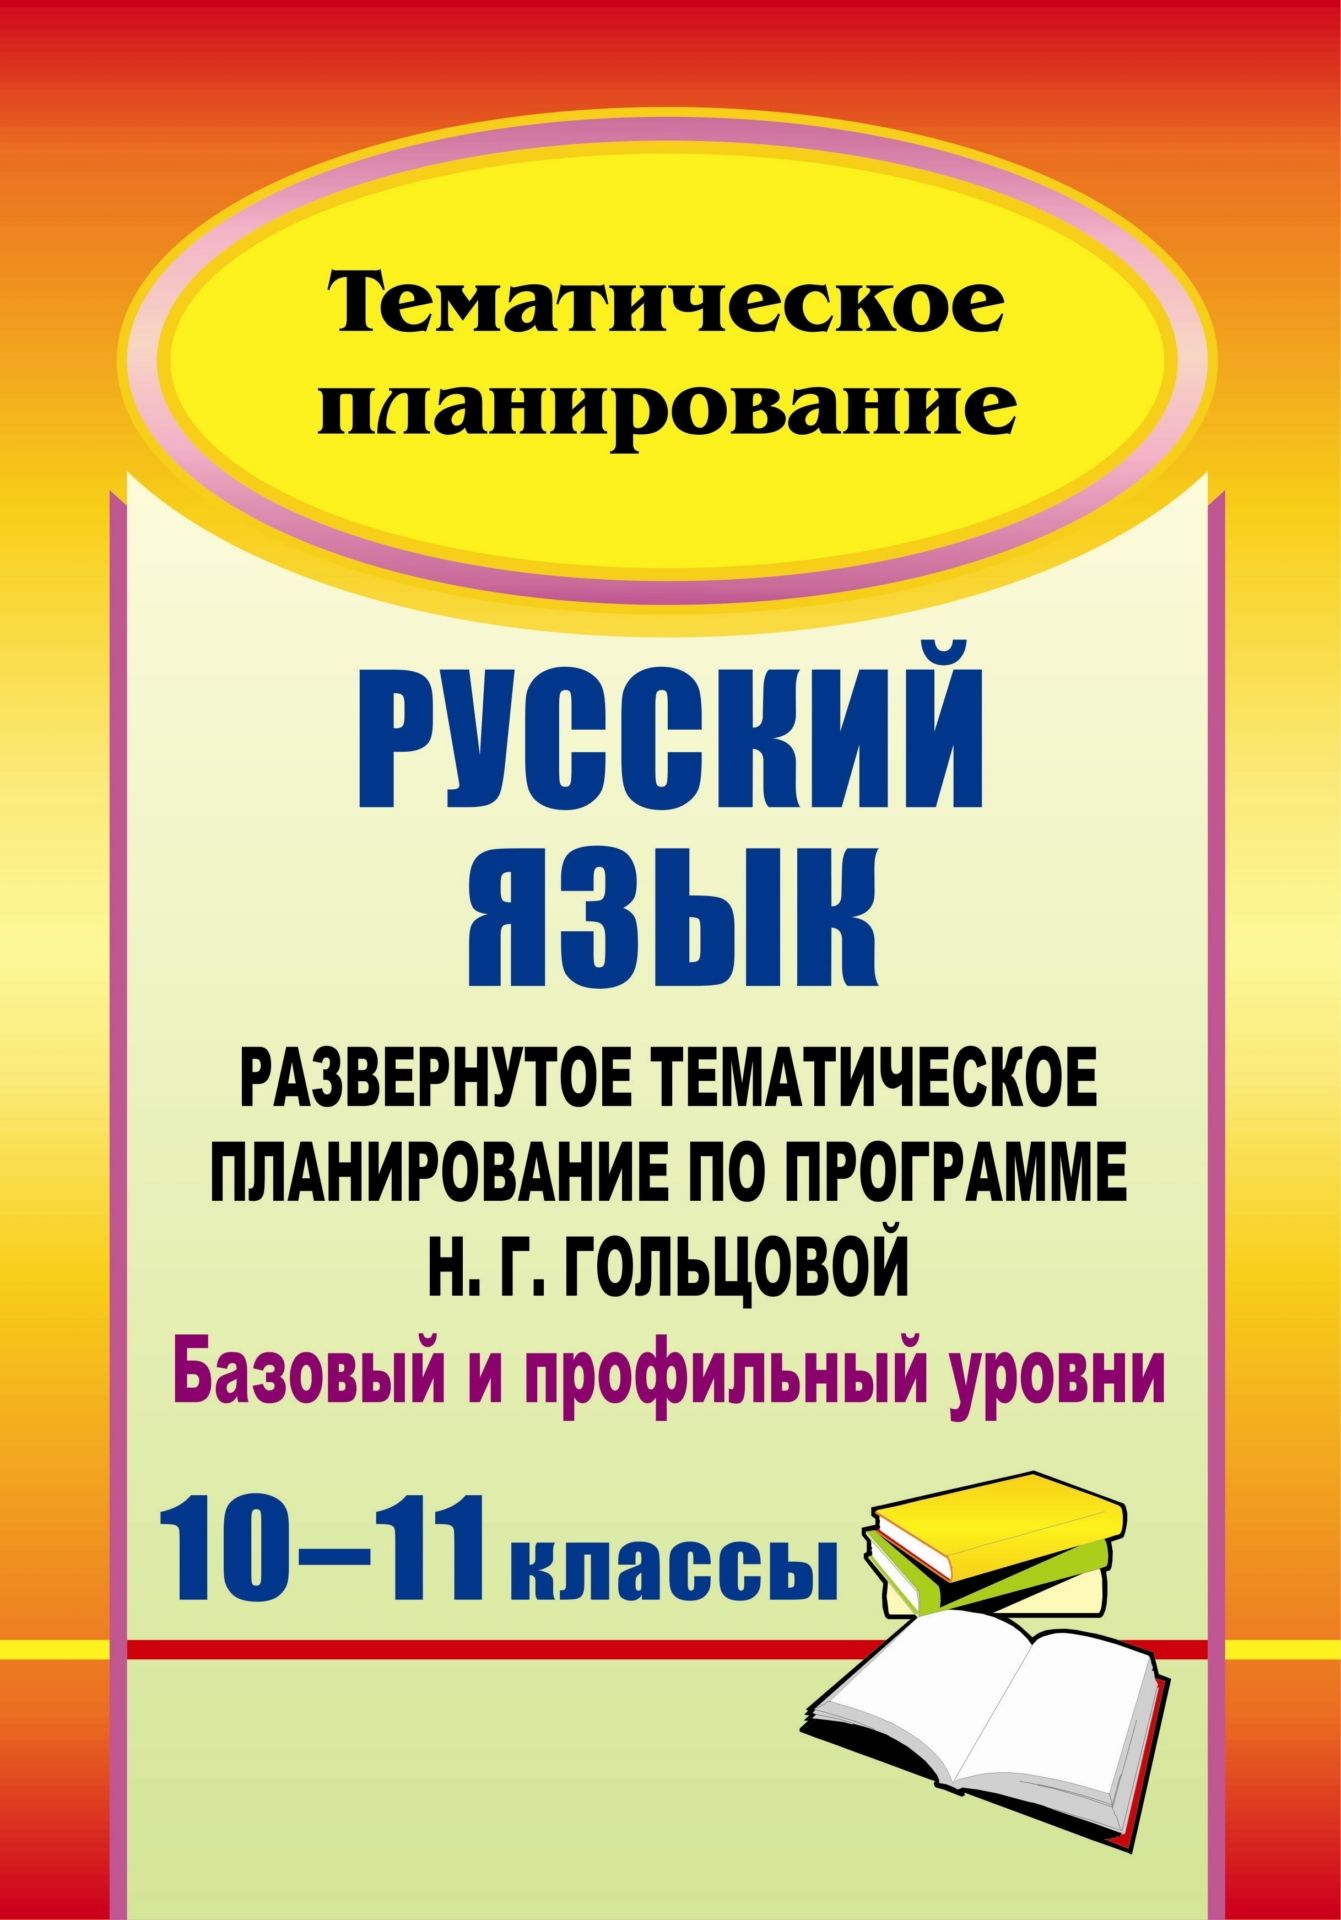 Русский язык. 10-11 классы: развернутое тематическое планирование по программе Н. Г. Гольцовой. Базовый и профильный уровни